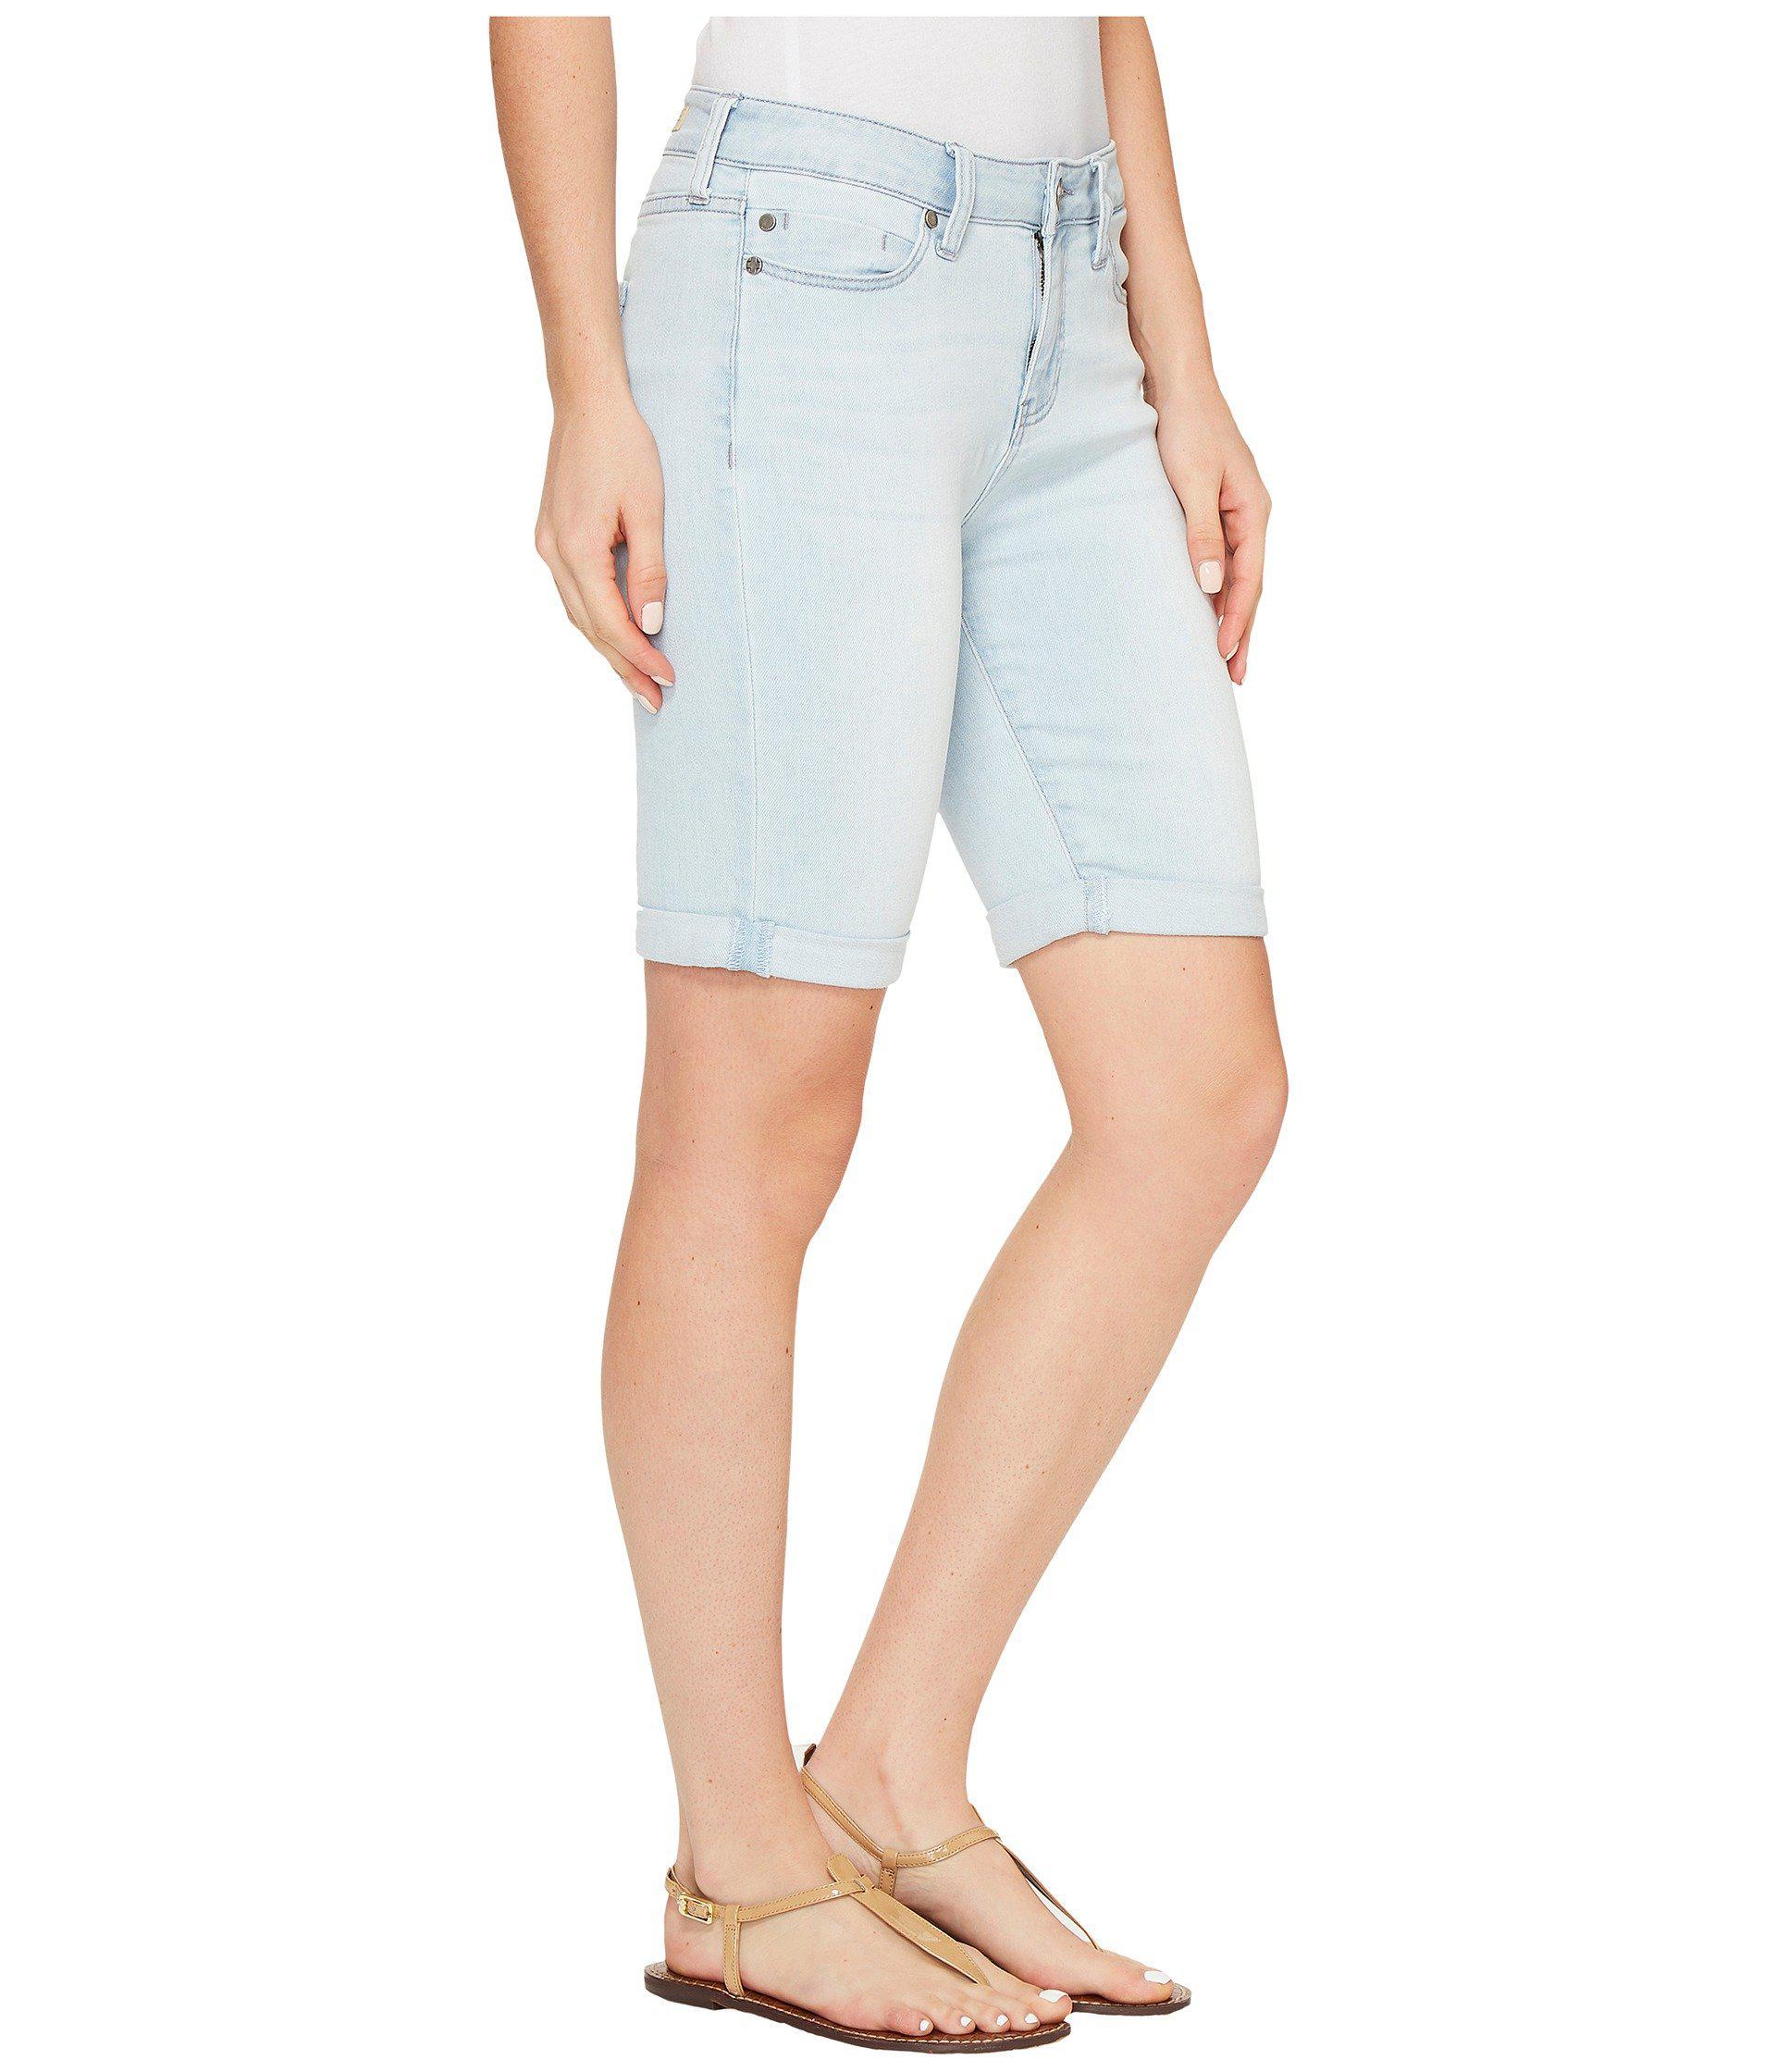 Liverpool Gerolde Vintage Hayden Bermuda Jeans Company Nieuwste Manchet 7gYbfy6v